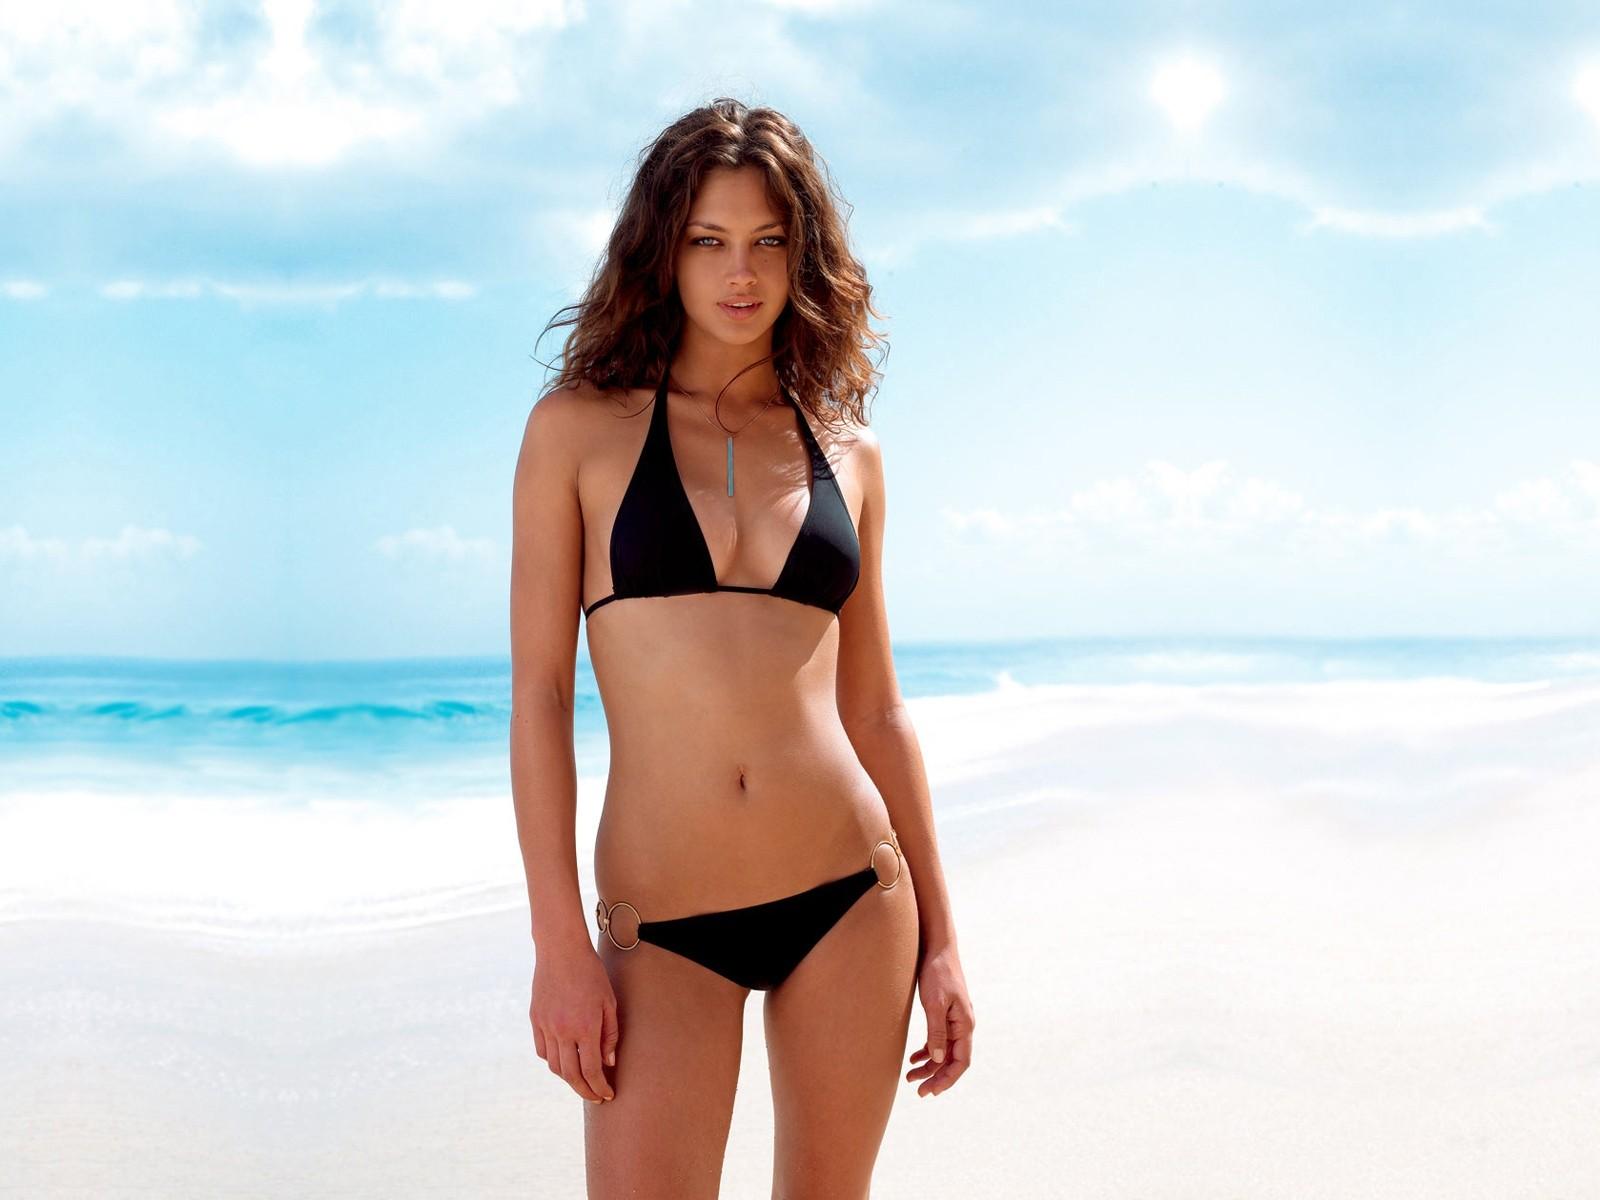 еще любопытнее, худая модели на пляже стала неприятно